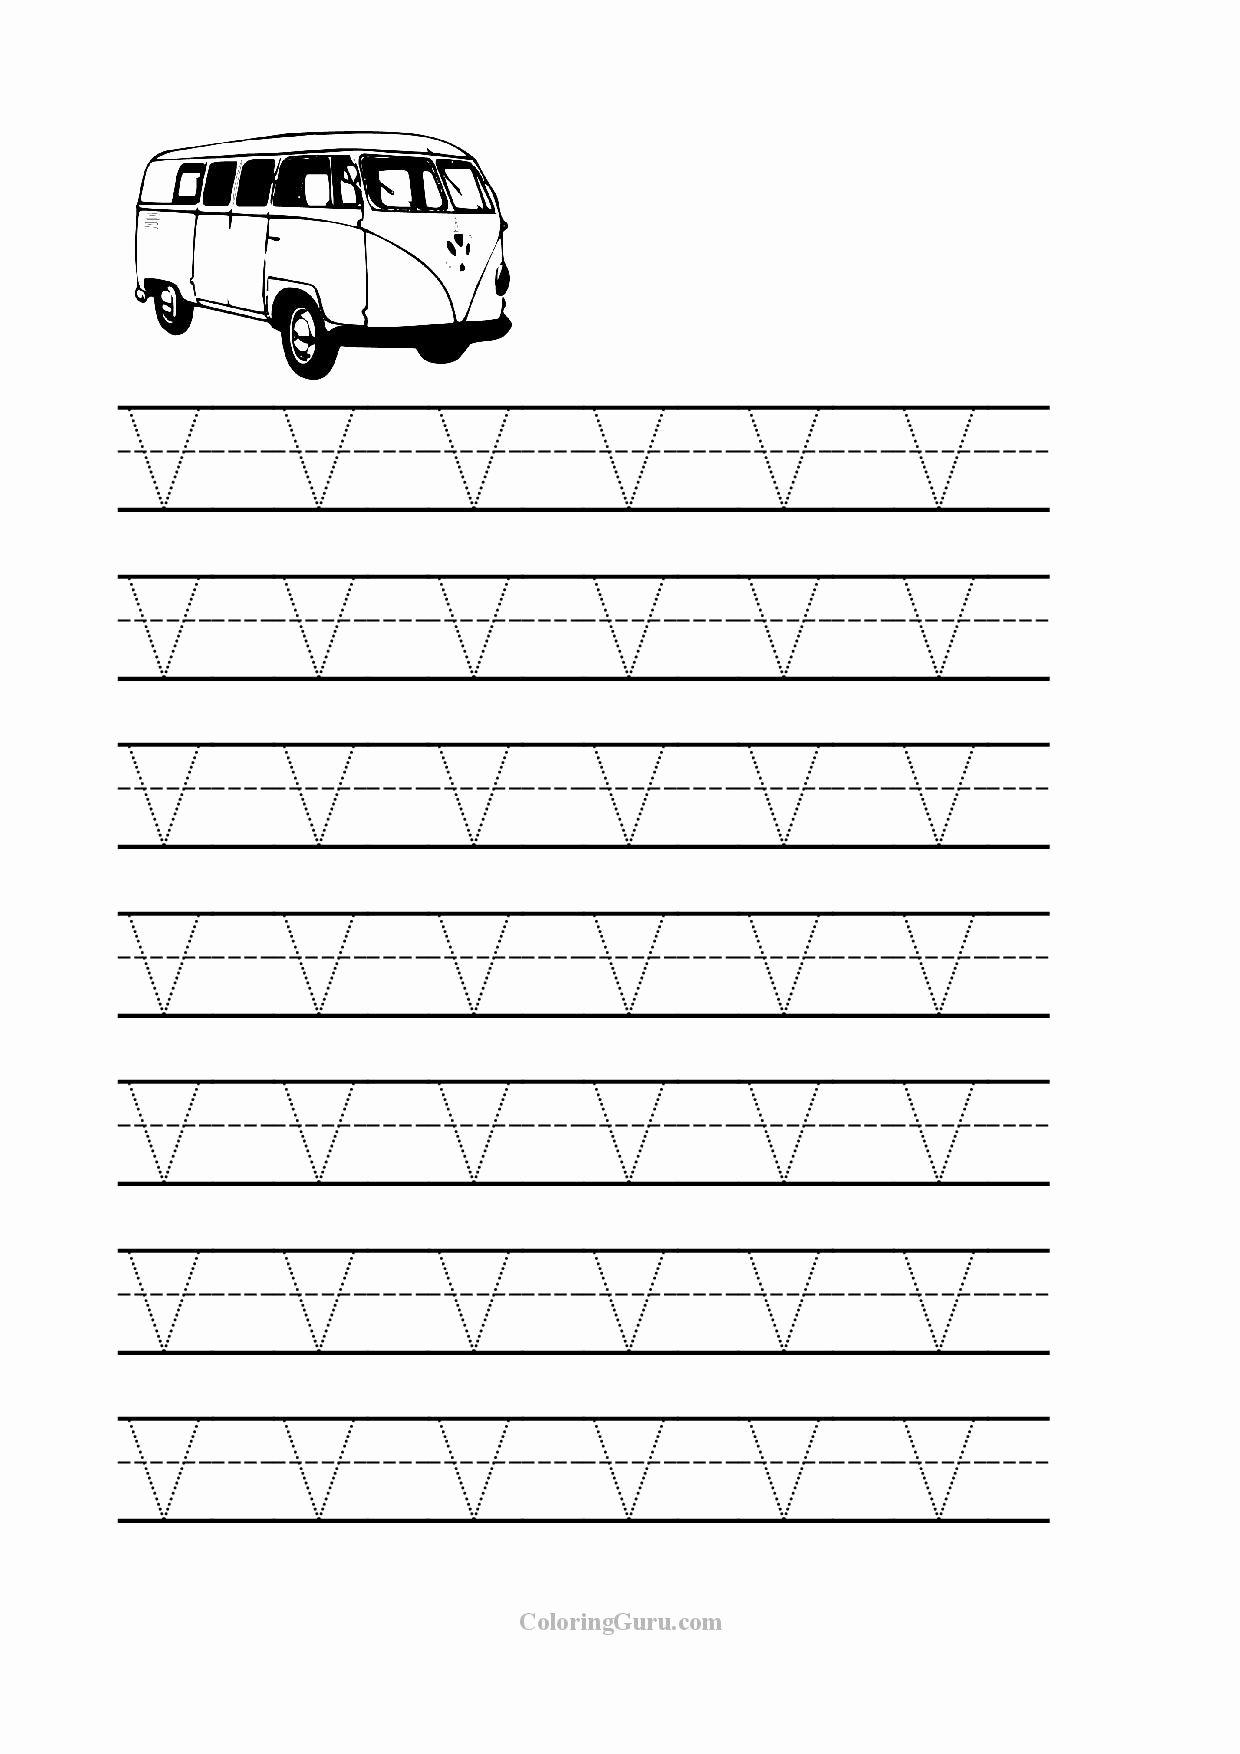 V Worksheets for Preschoolers top V Tracing Worksheet